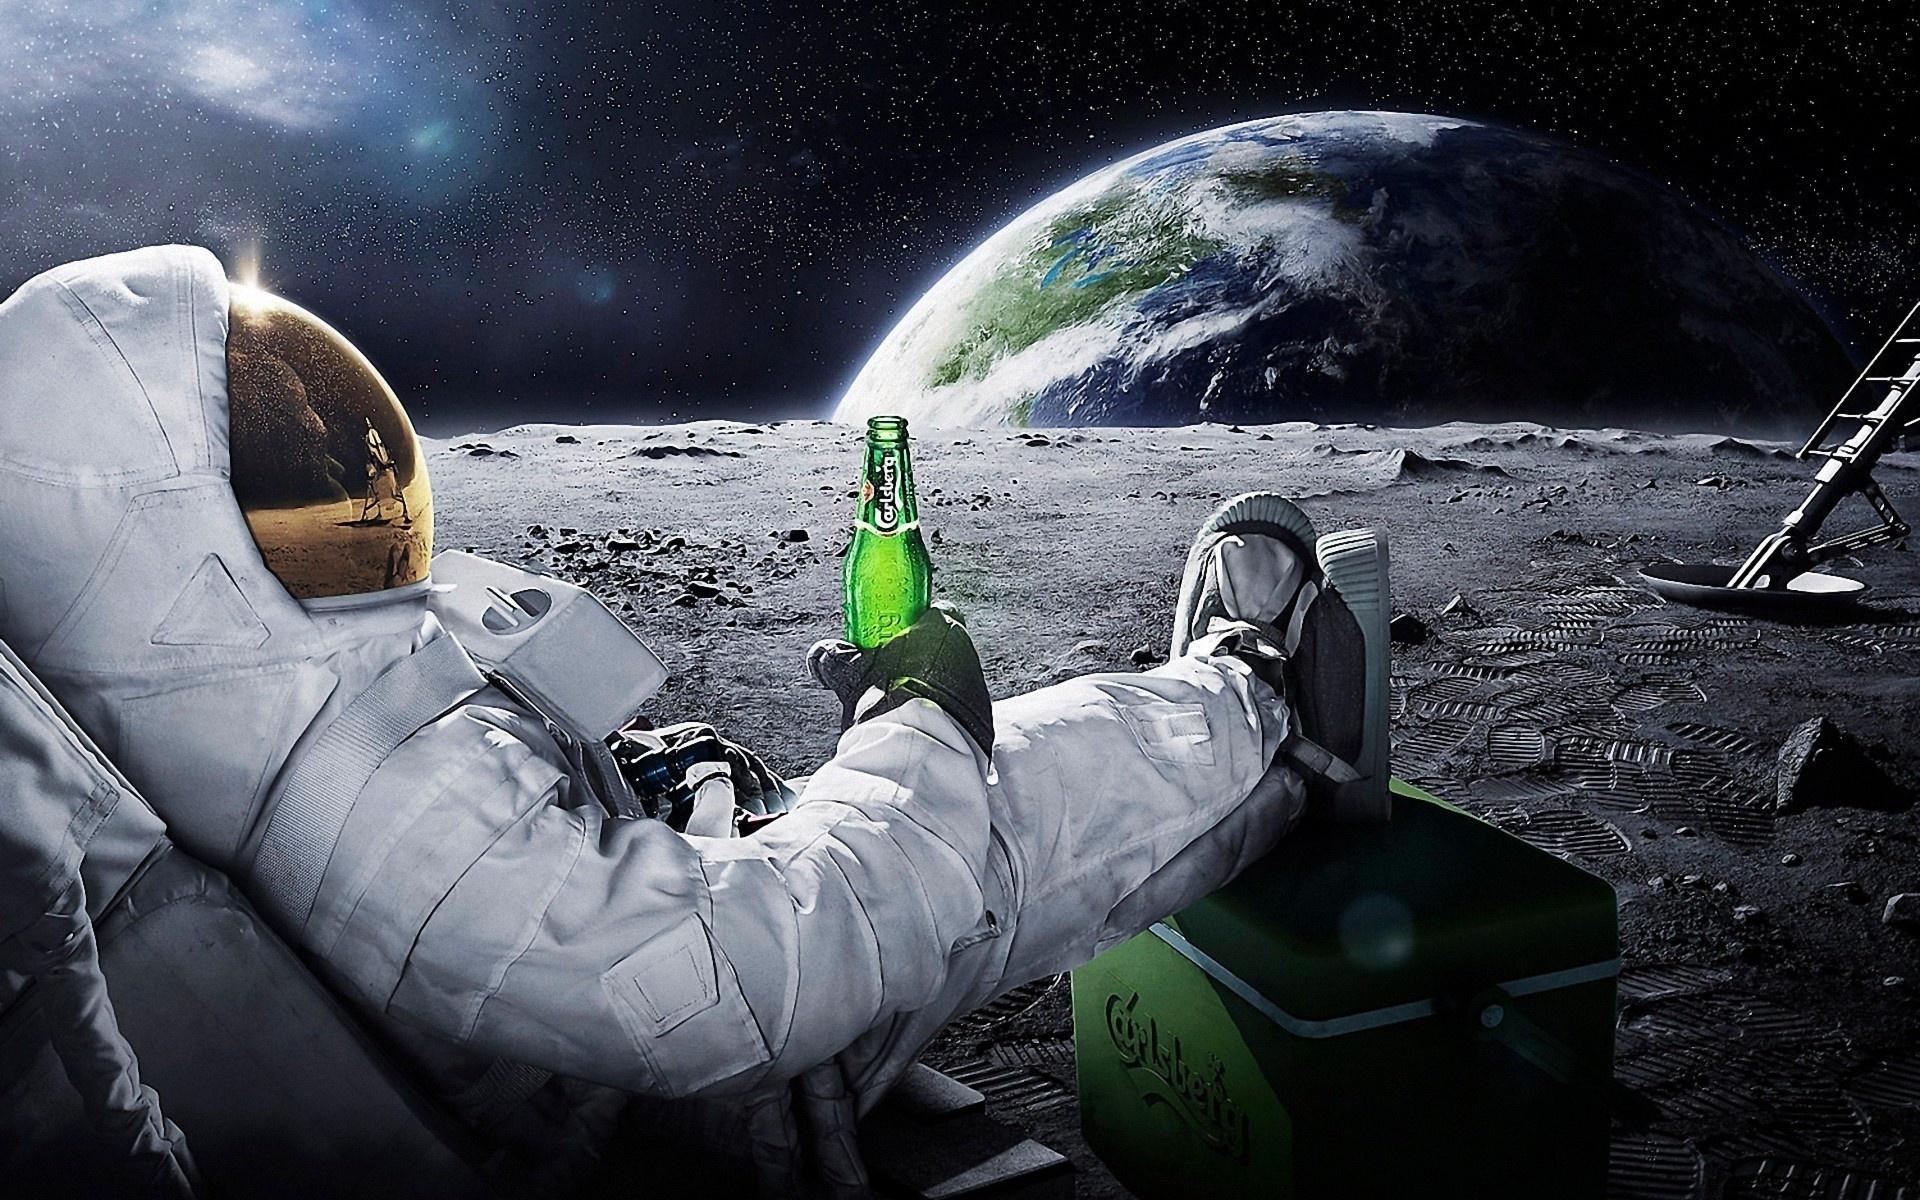 снимайте как картинка прикольного космоса часто использую